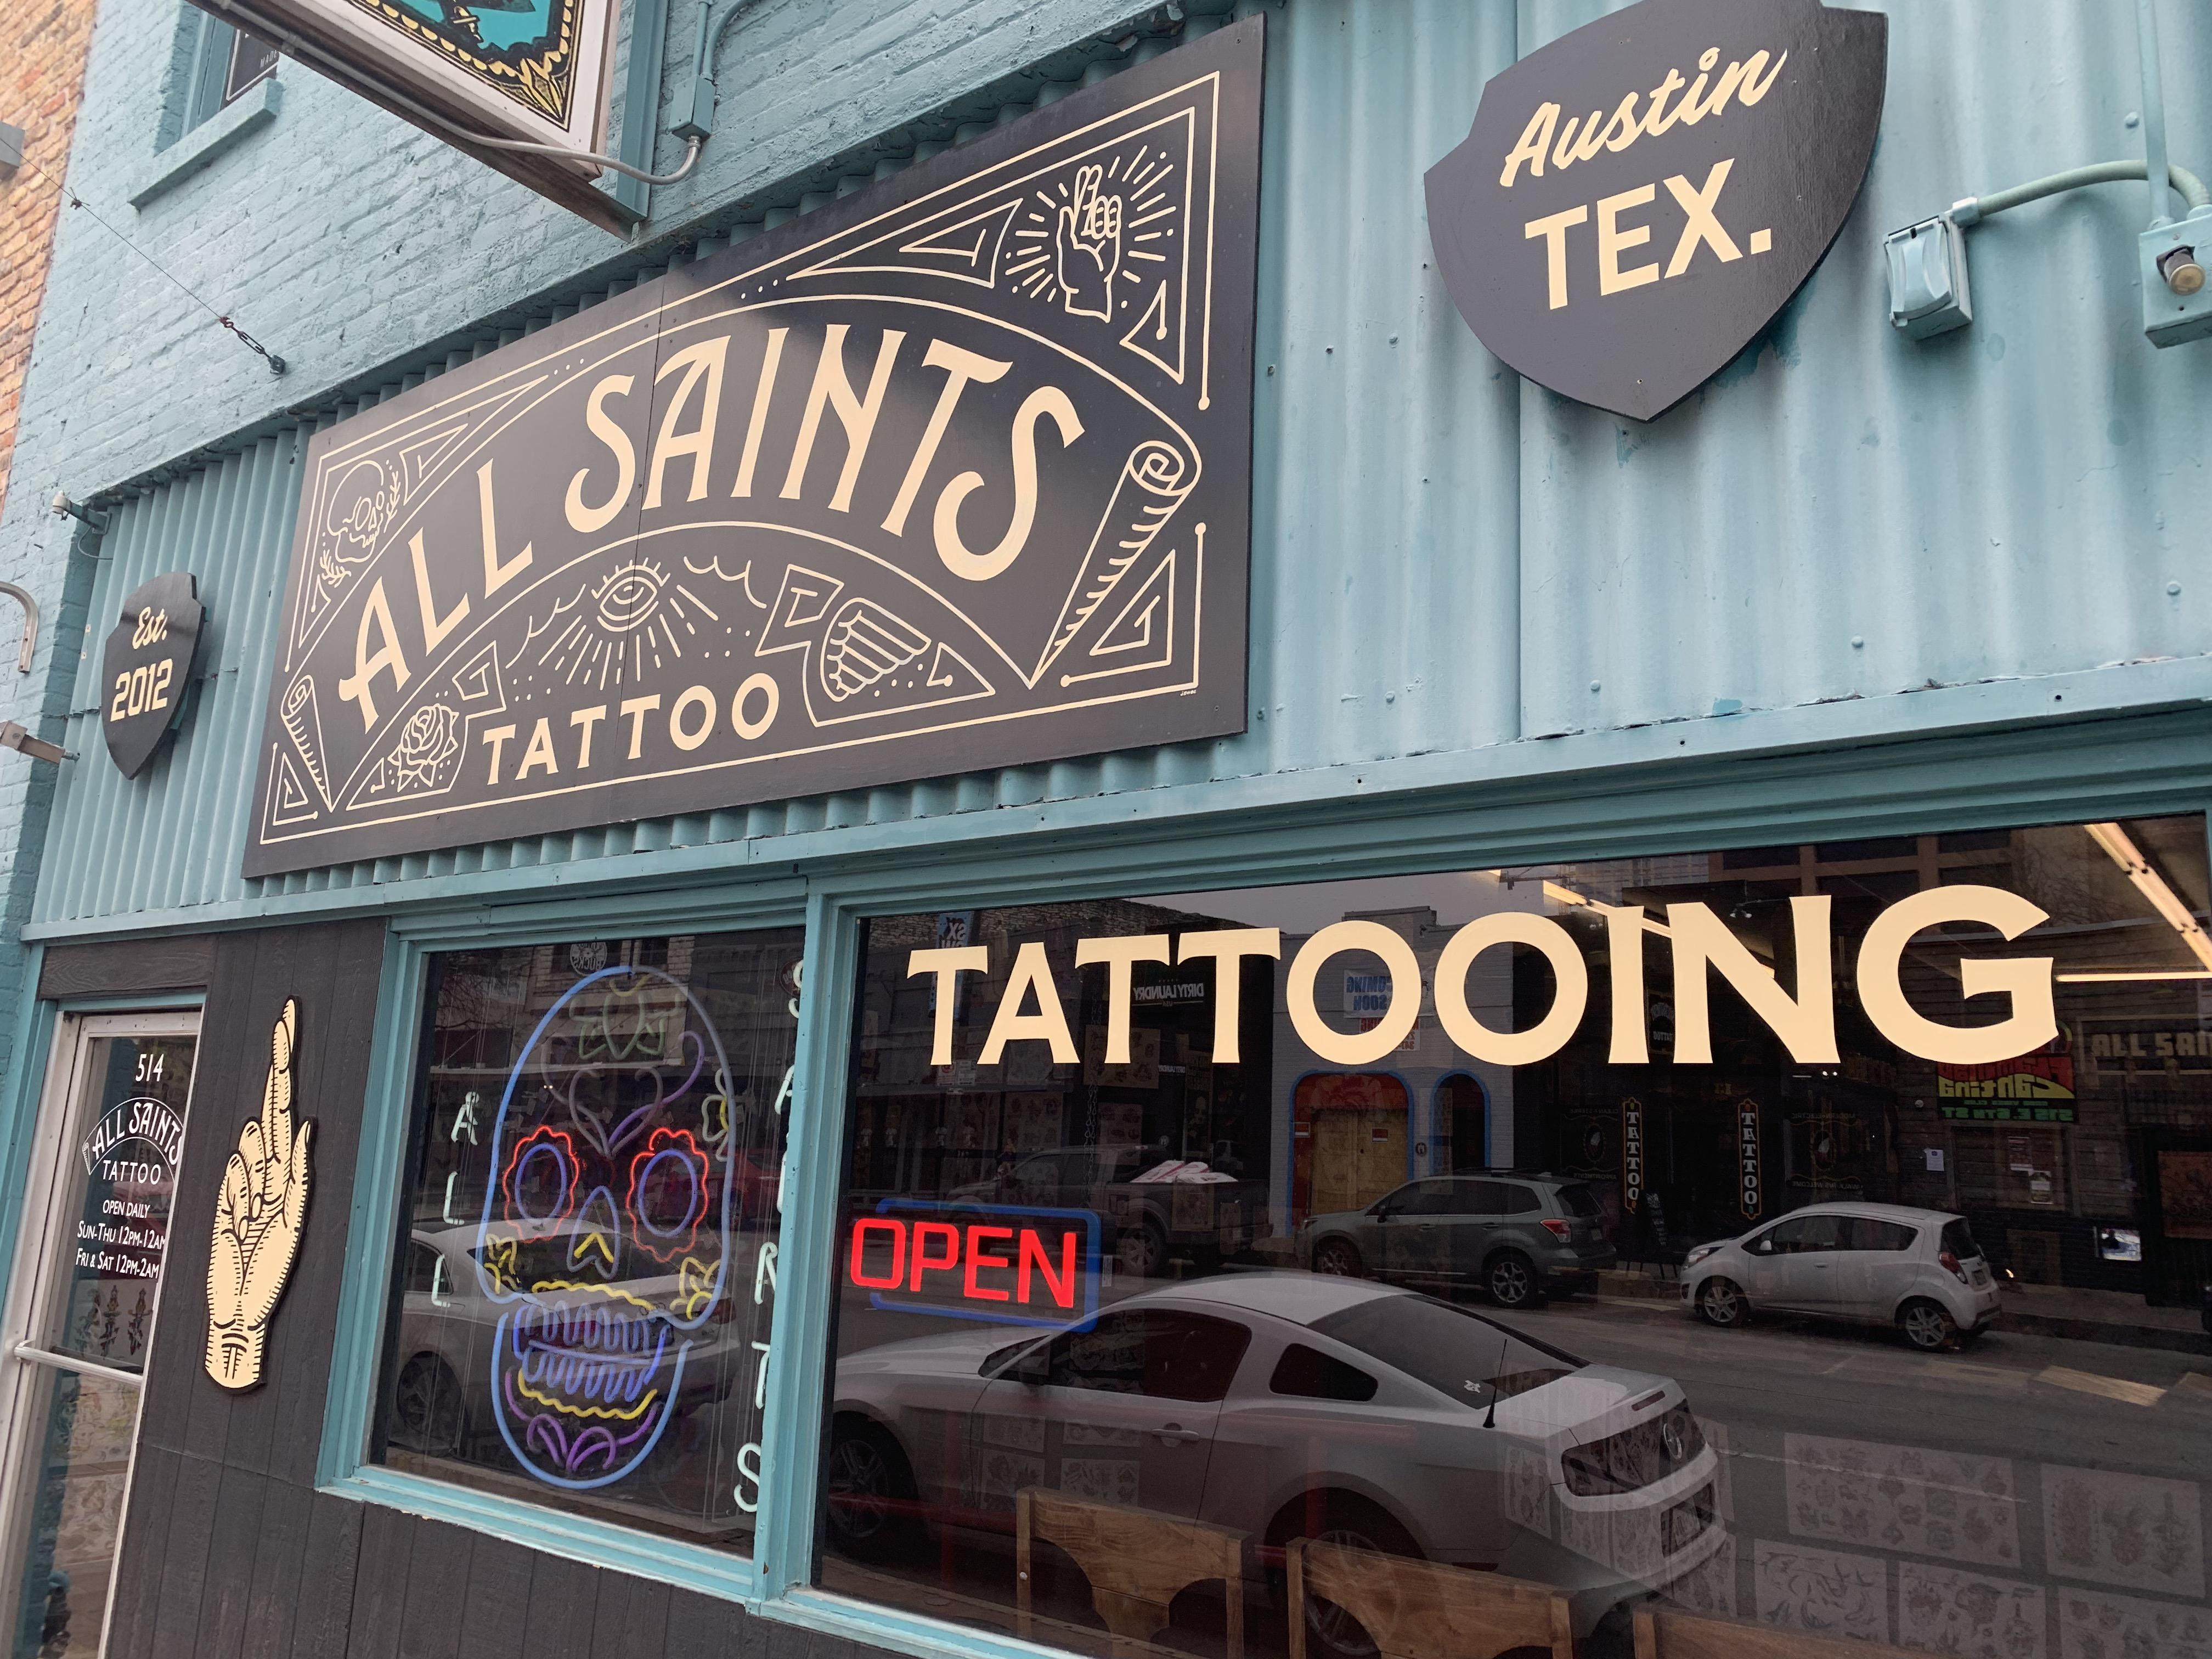 All Saints Tattoo - 6th Street Downtown Austin Texas Tattoos